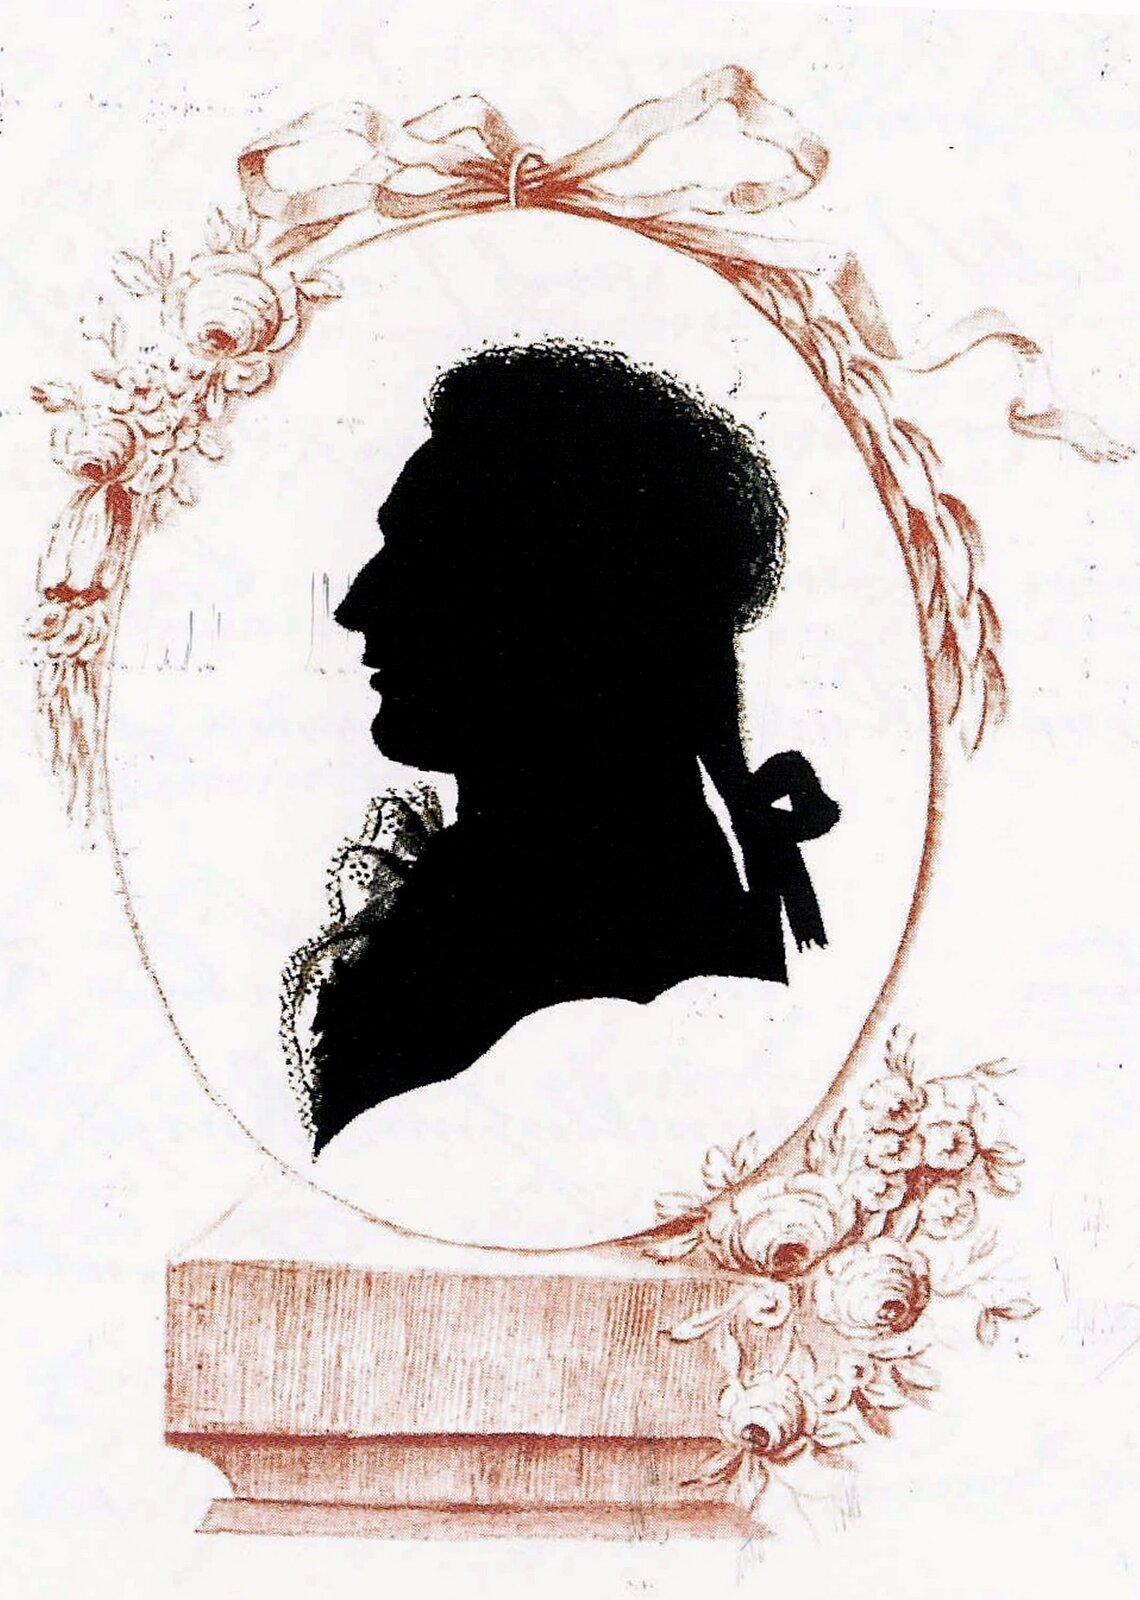 """Ilustracja przedstawiająca dzieło nieznanego autora pt. """"Sylwetka Ferdynanda Ernsta von Waldsteina"""". Ilustracja przedstawia portret mężczyzny wstroju zXVIII wieku."""